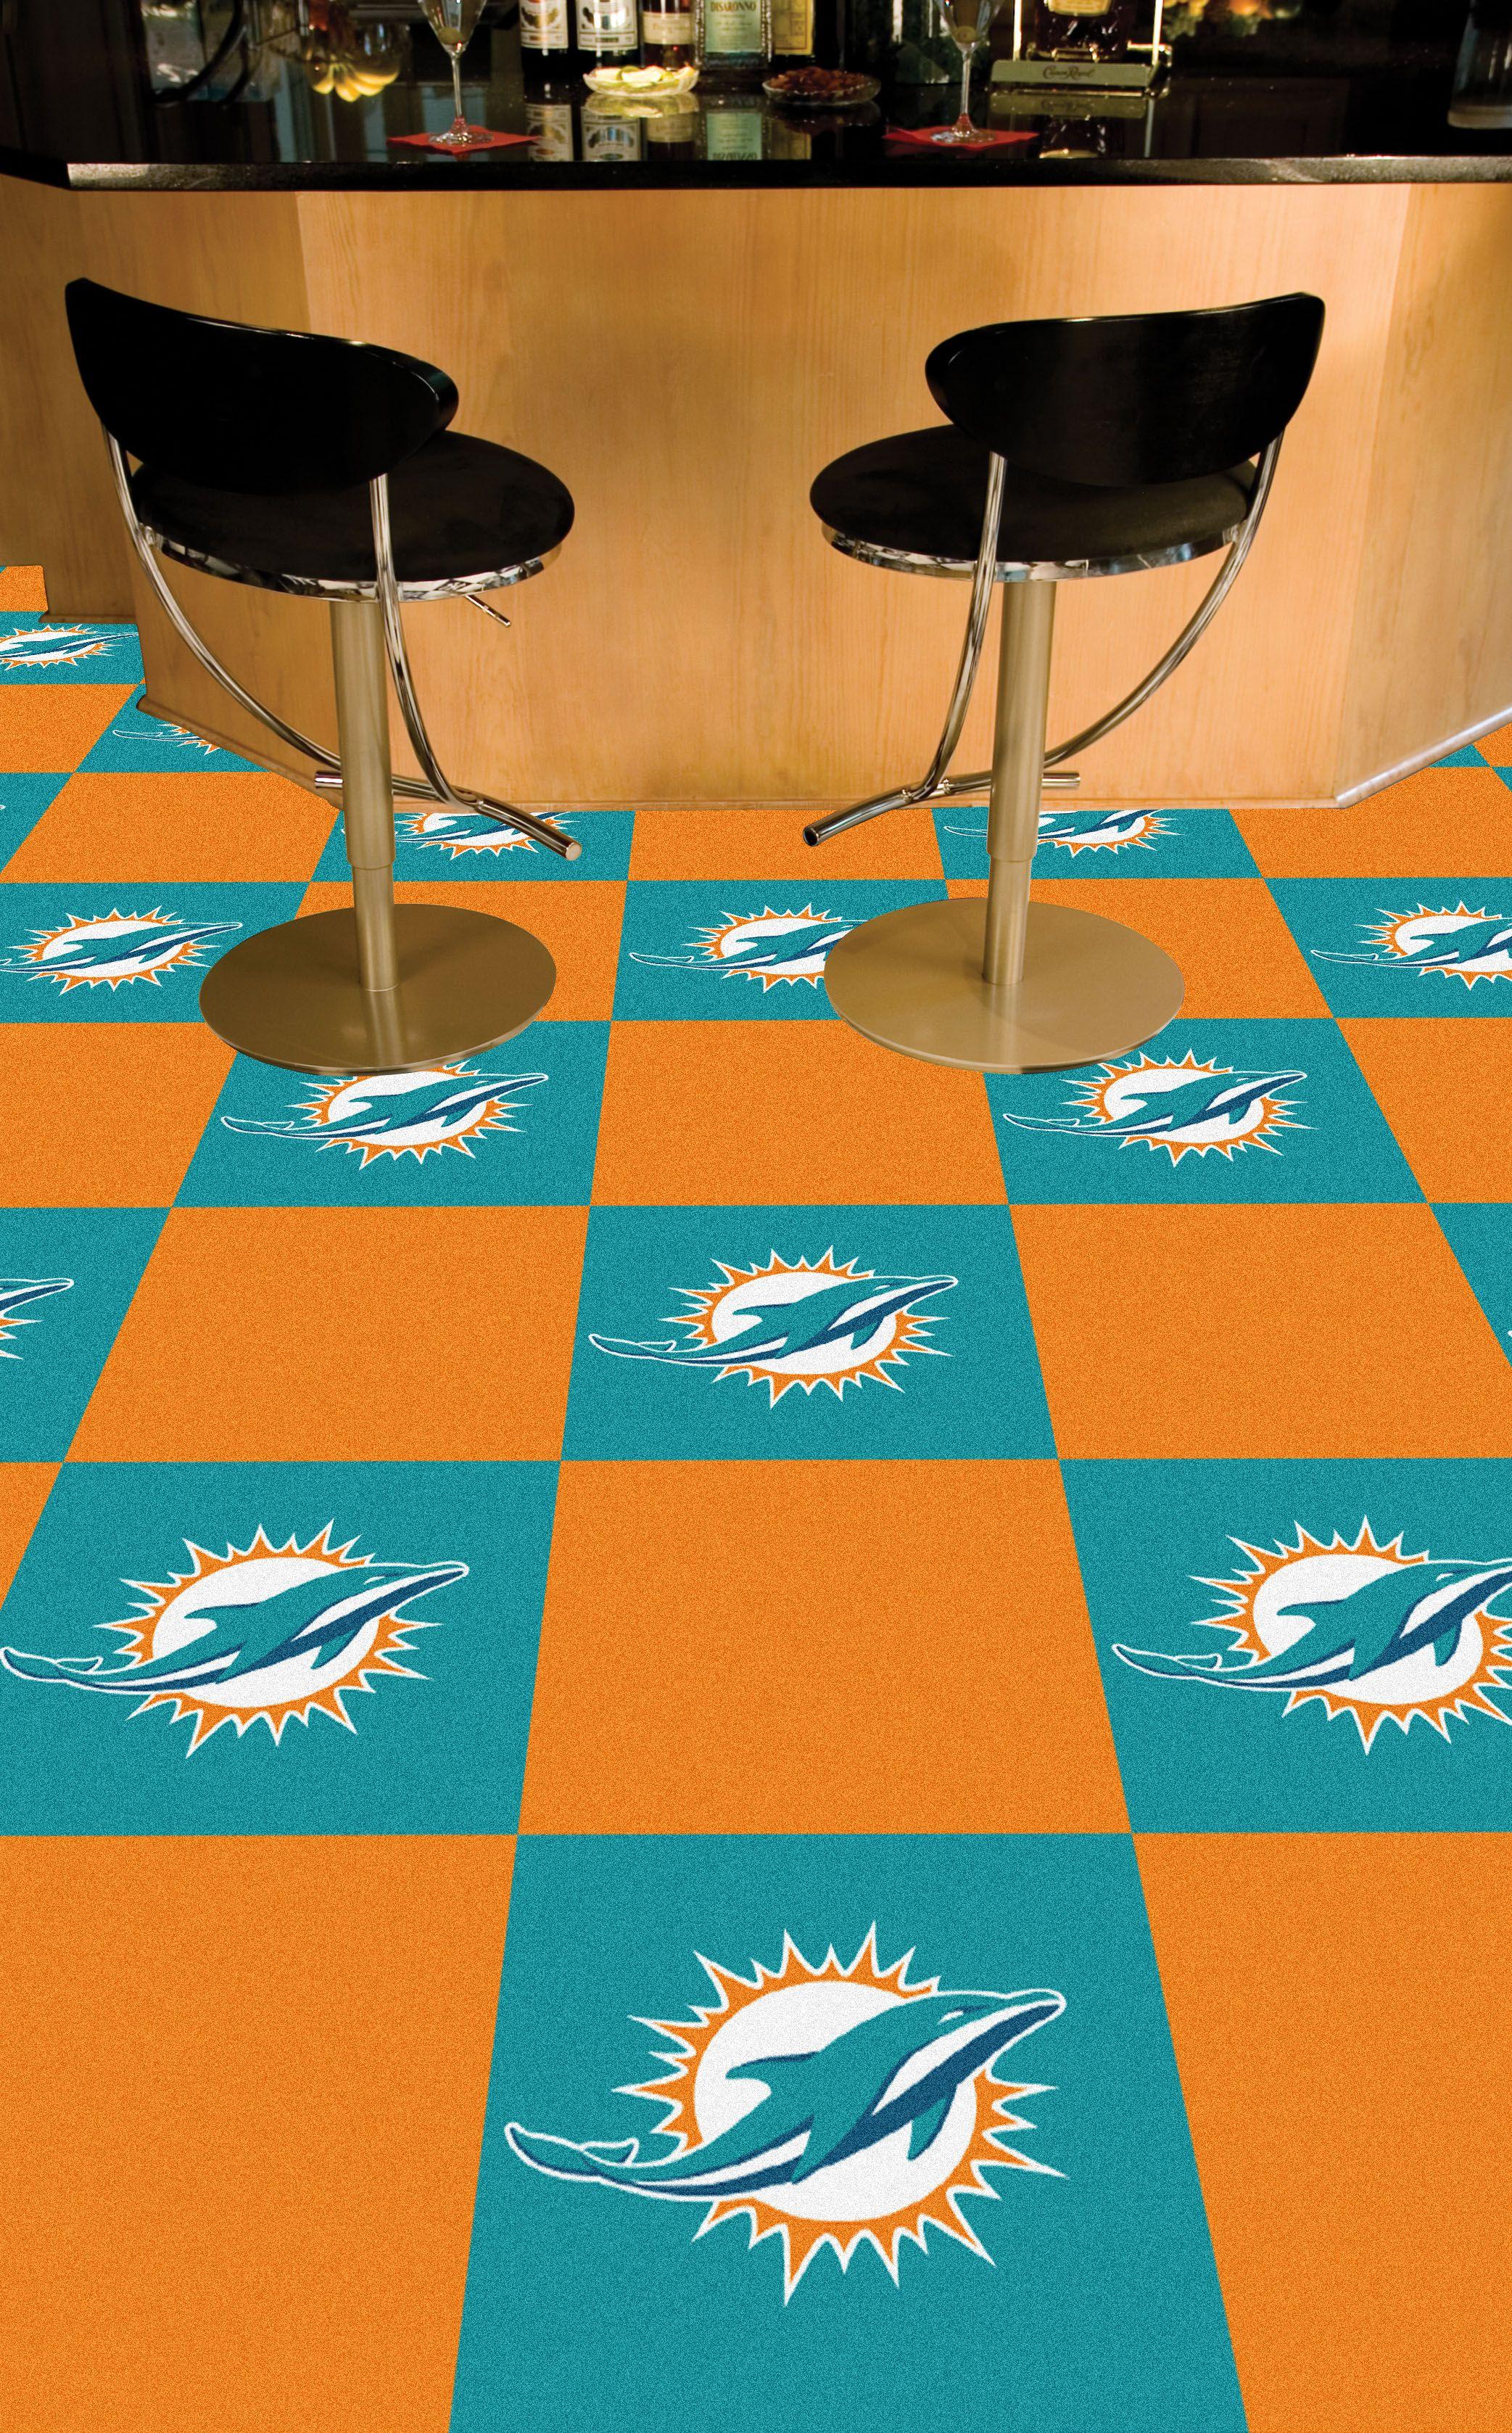 NFL Miami Dolphins Carpet Tiles | Best Carpet Value ...